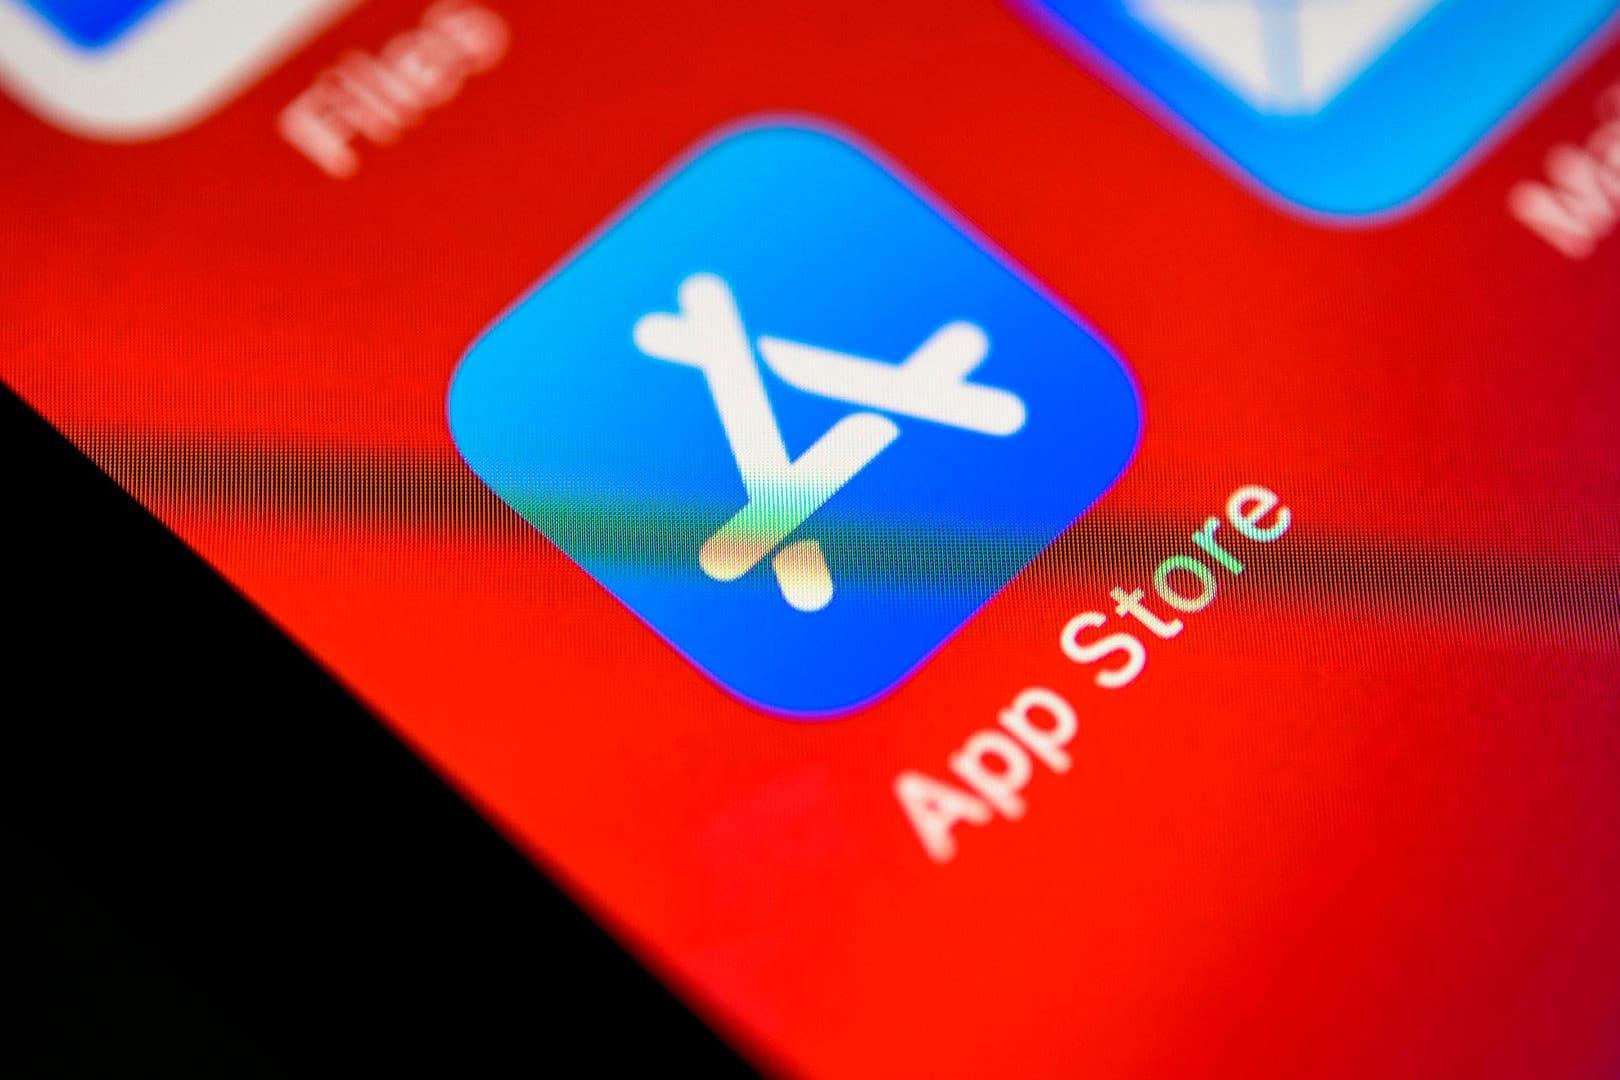 Денежный оборот в приложениях App Store превысил 643 миллиарда долларов в 2020 году